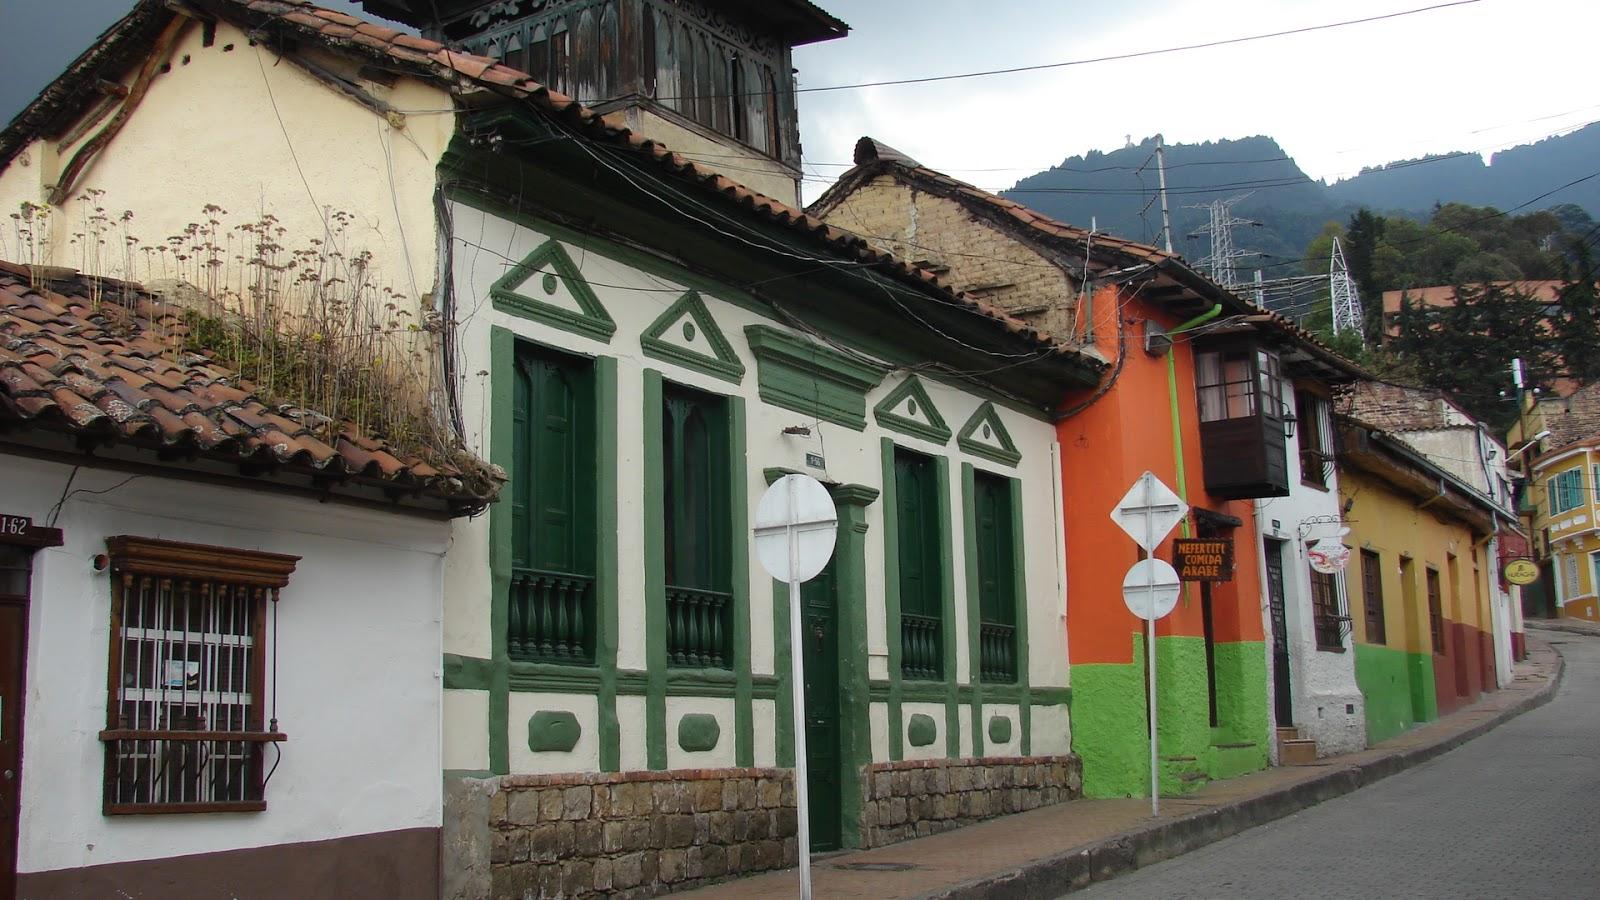 Paisajismo pueblos y jardines centro hist rico la for Renovacion de casas viejas